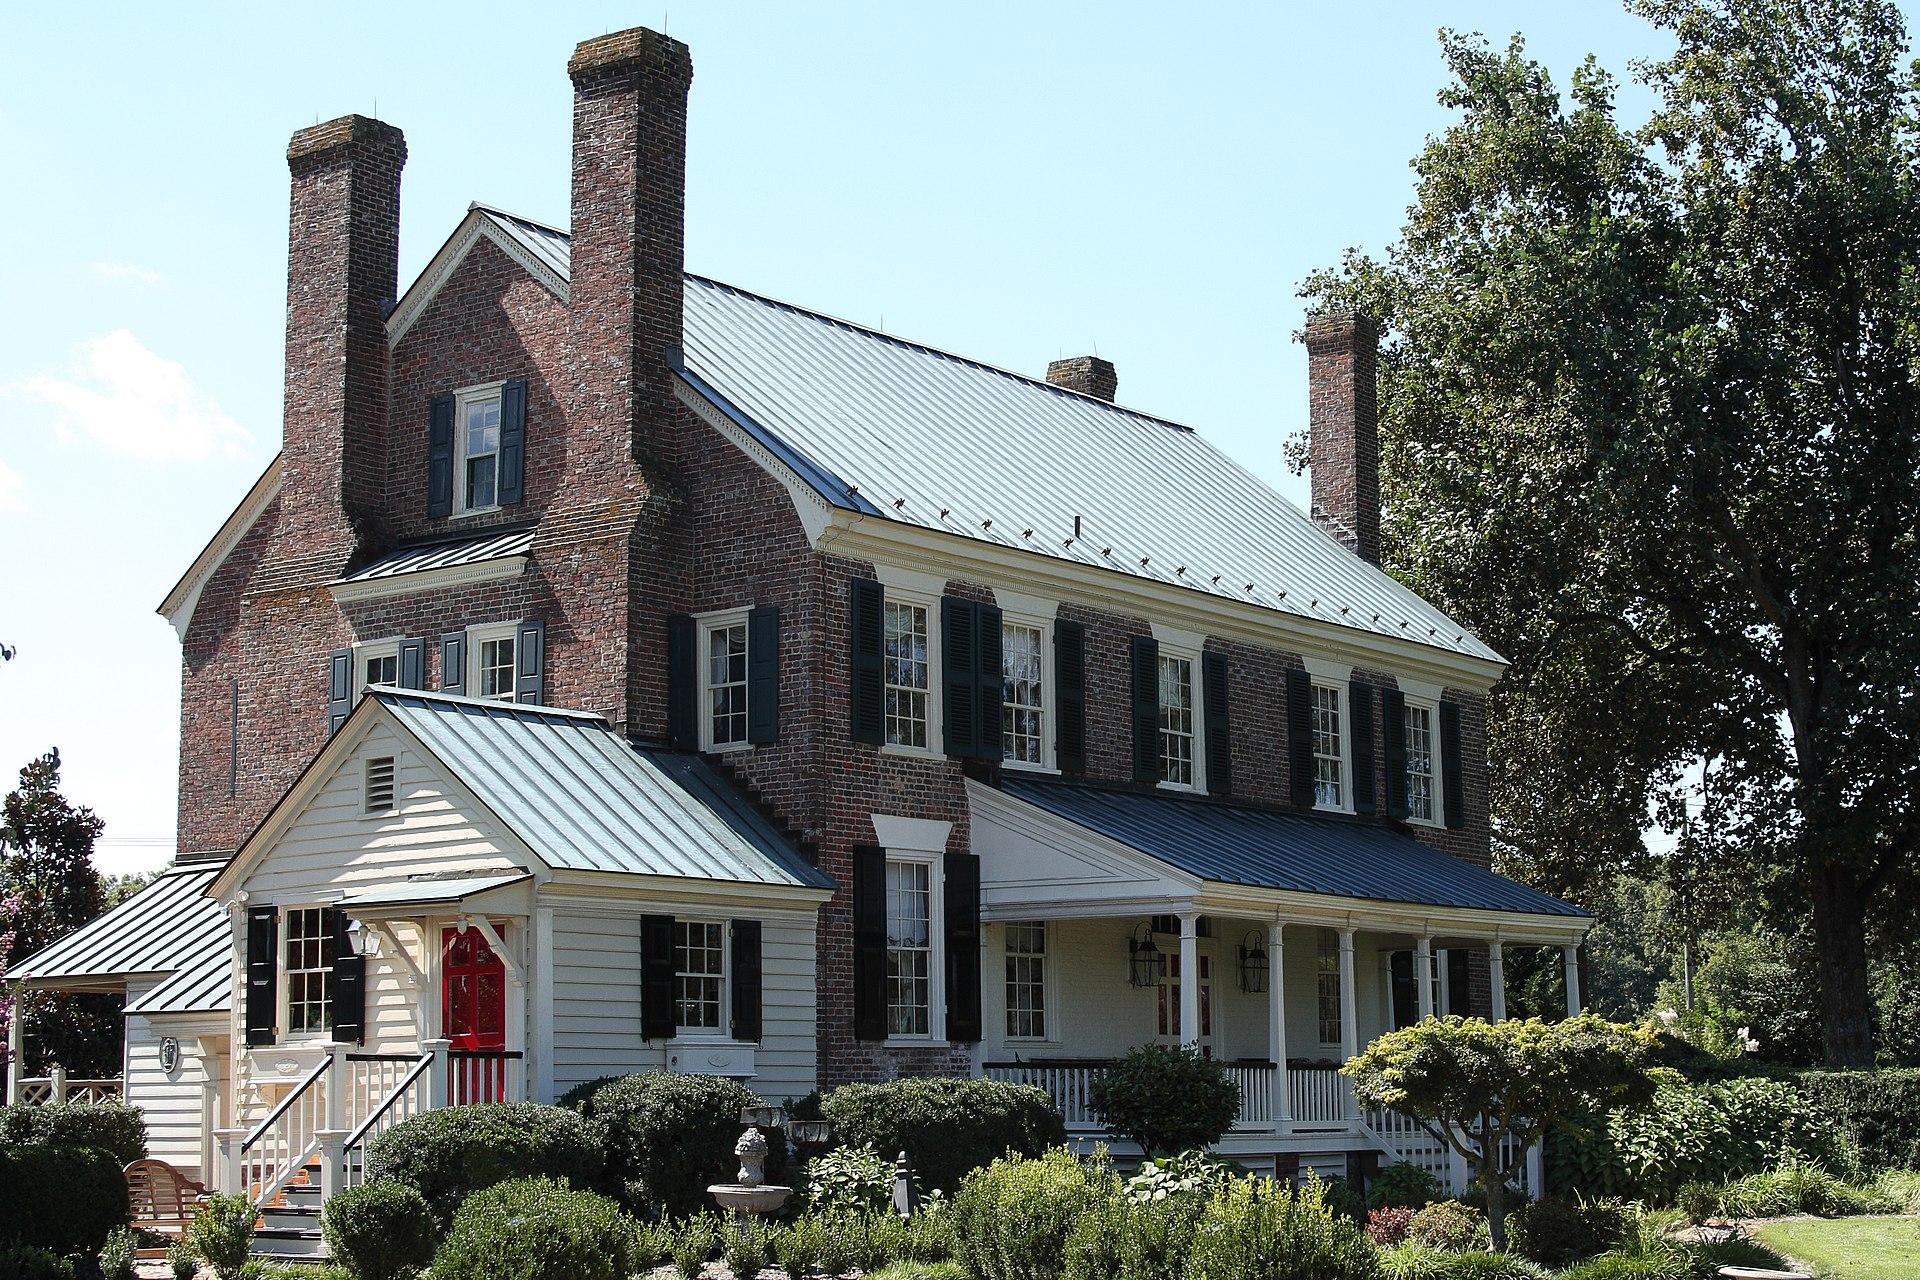 Woodlawn Oilville Virginia  Wikipedia